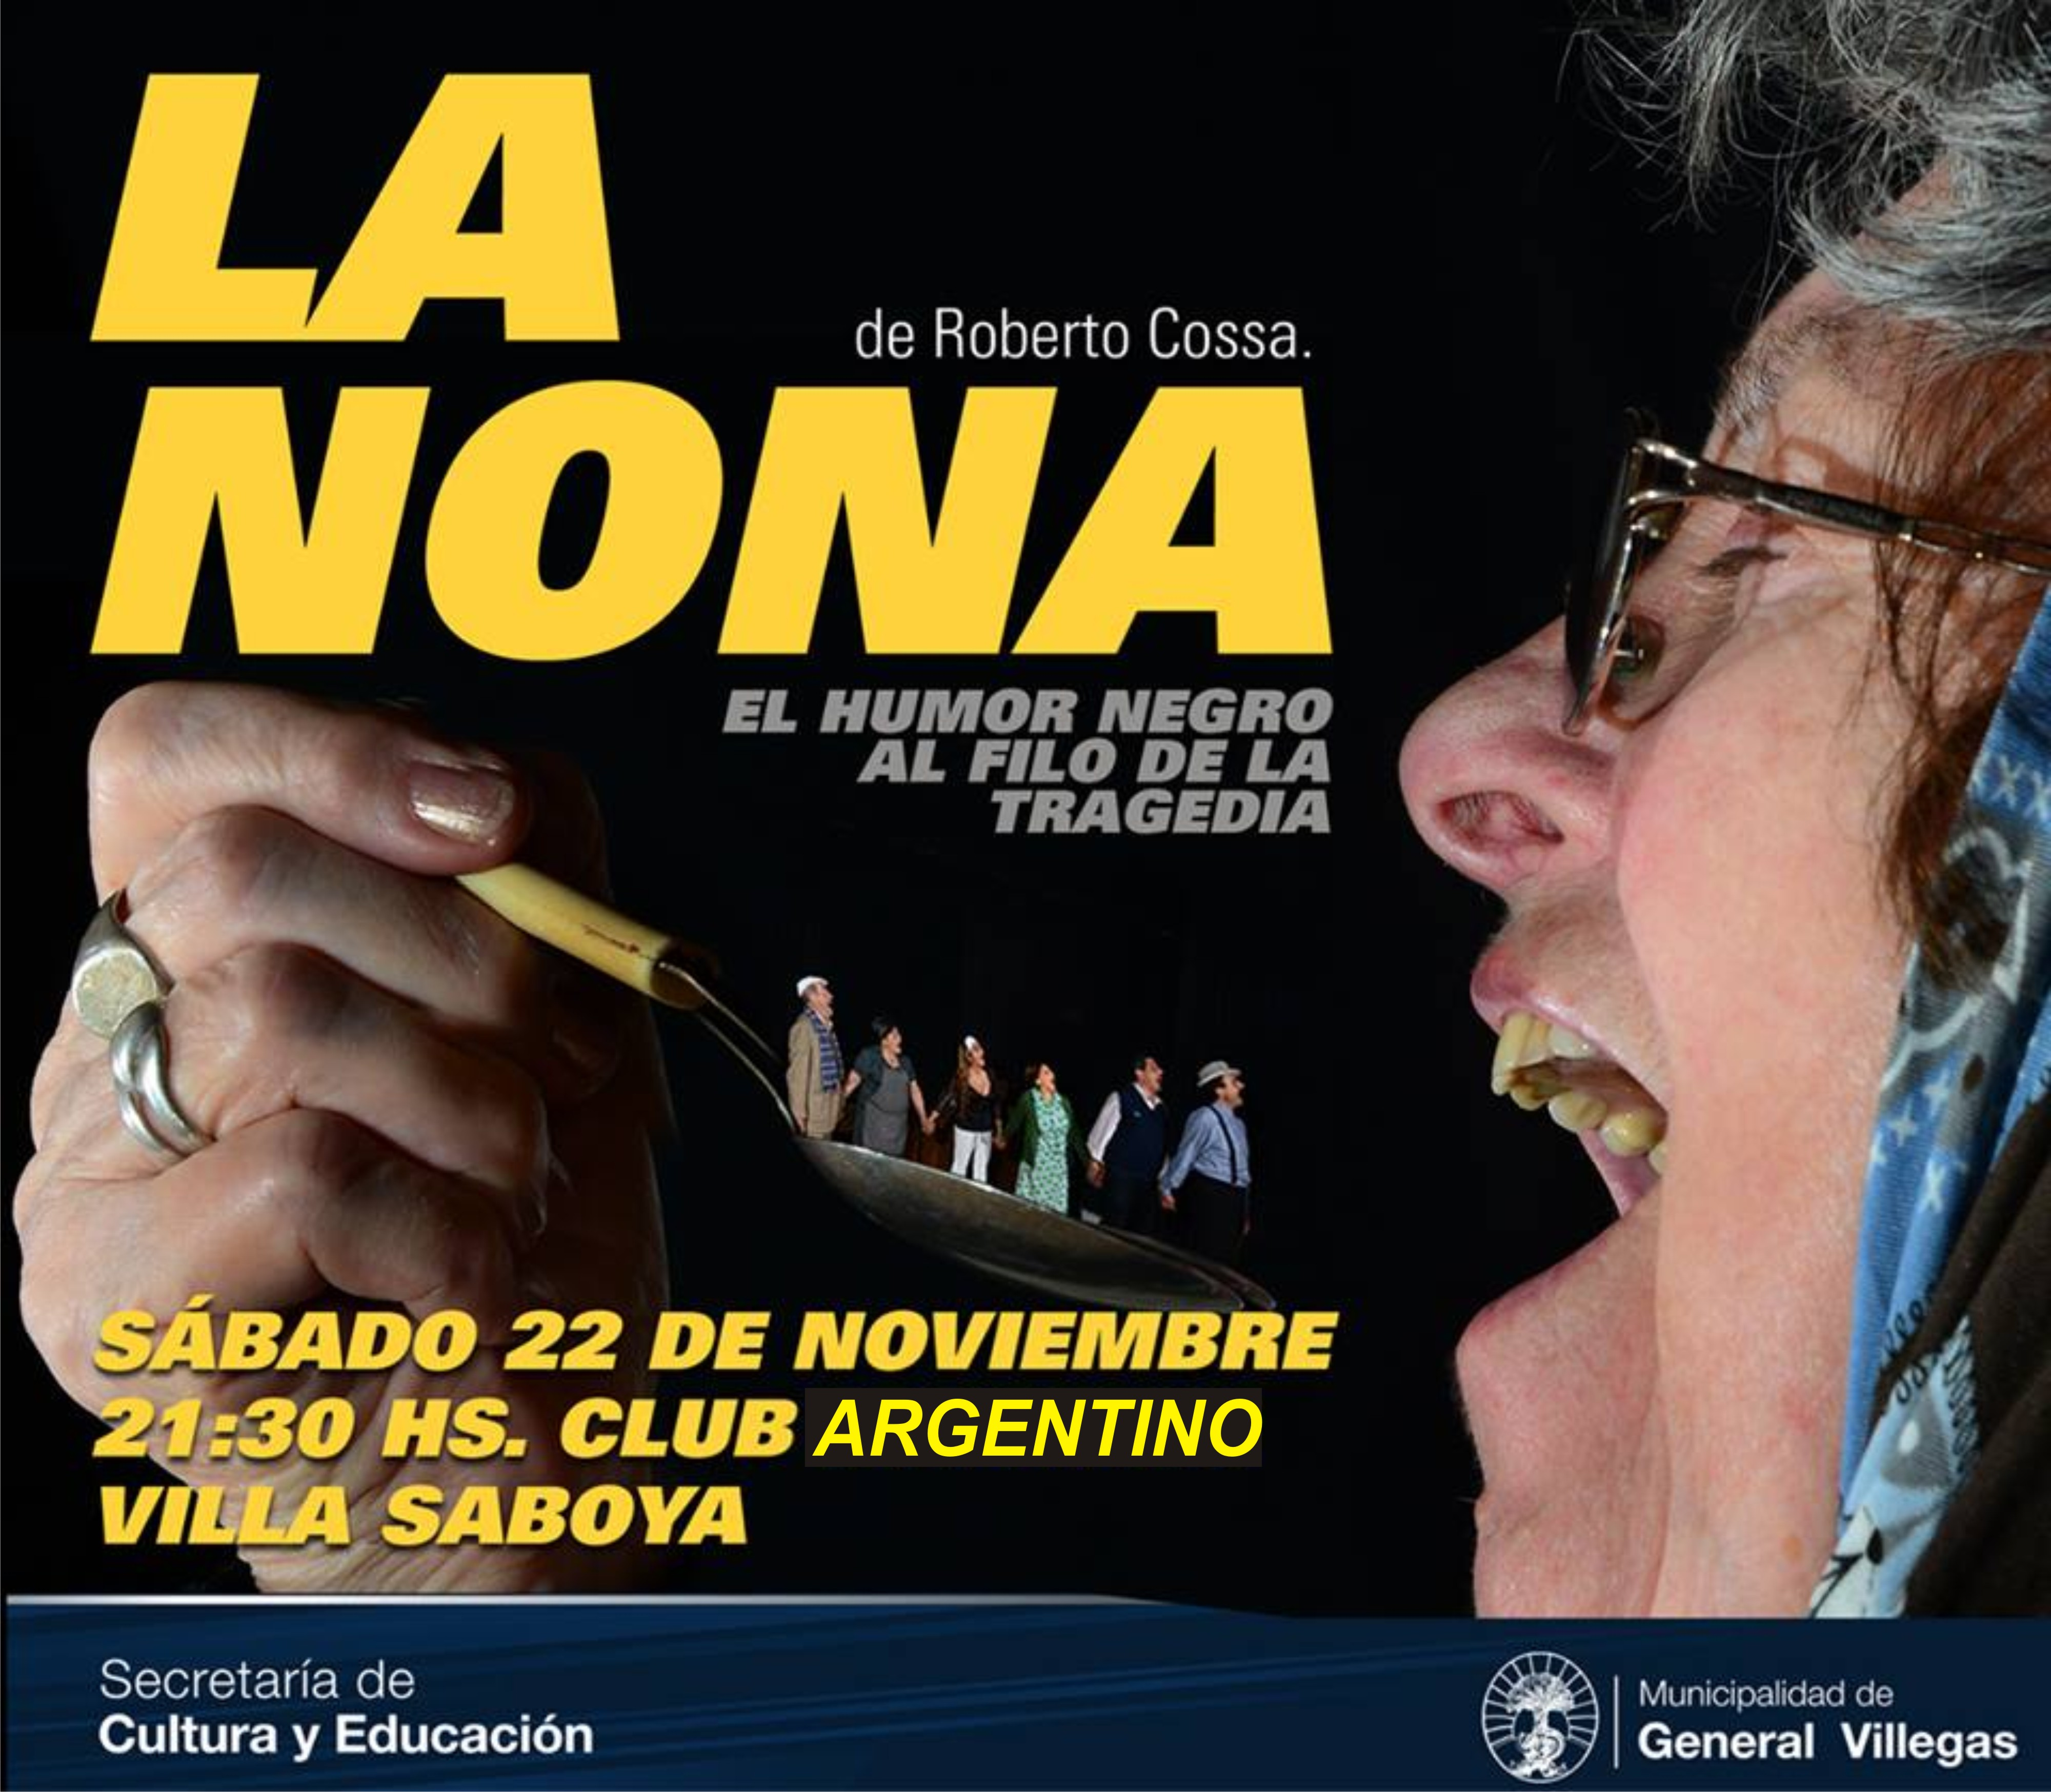 ¡La obra de Teatro LA NONA llega a Villa Saboya!